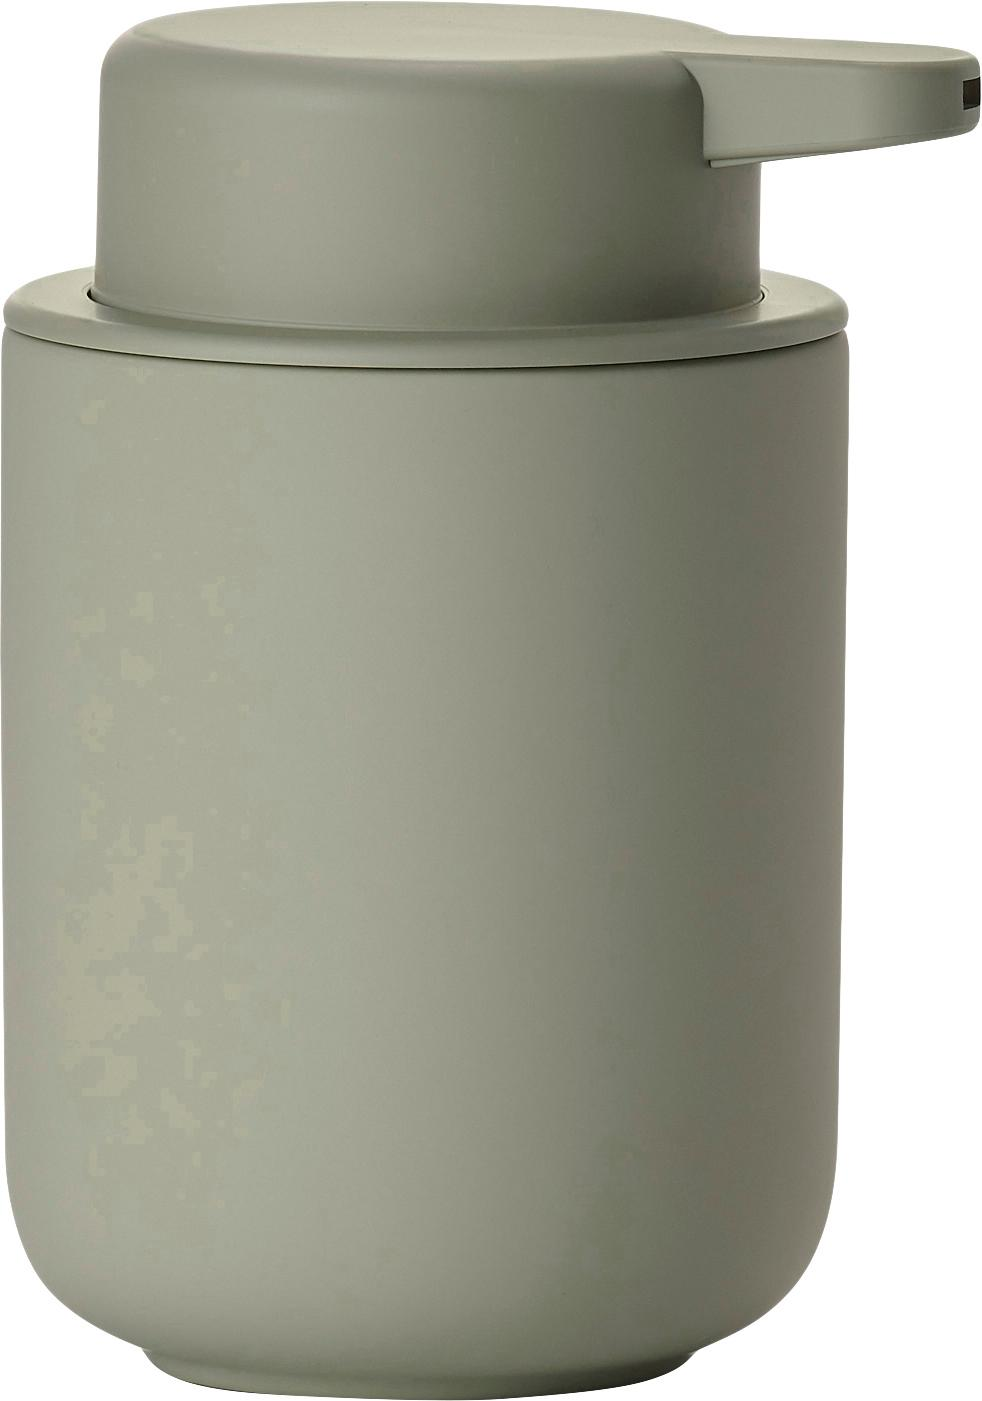 Seifenspender Ume aus Steingut, Behälter: Steingut überzogen mit So, Eukalyptusgrün, Ø 8 x H 13 cm